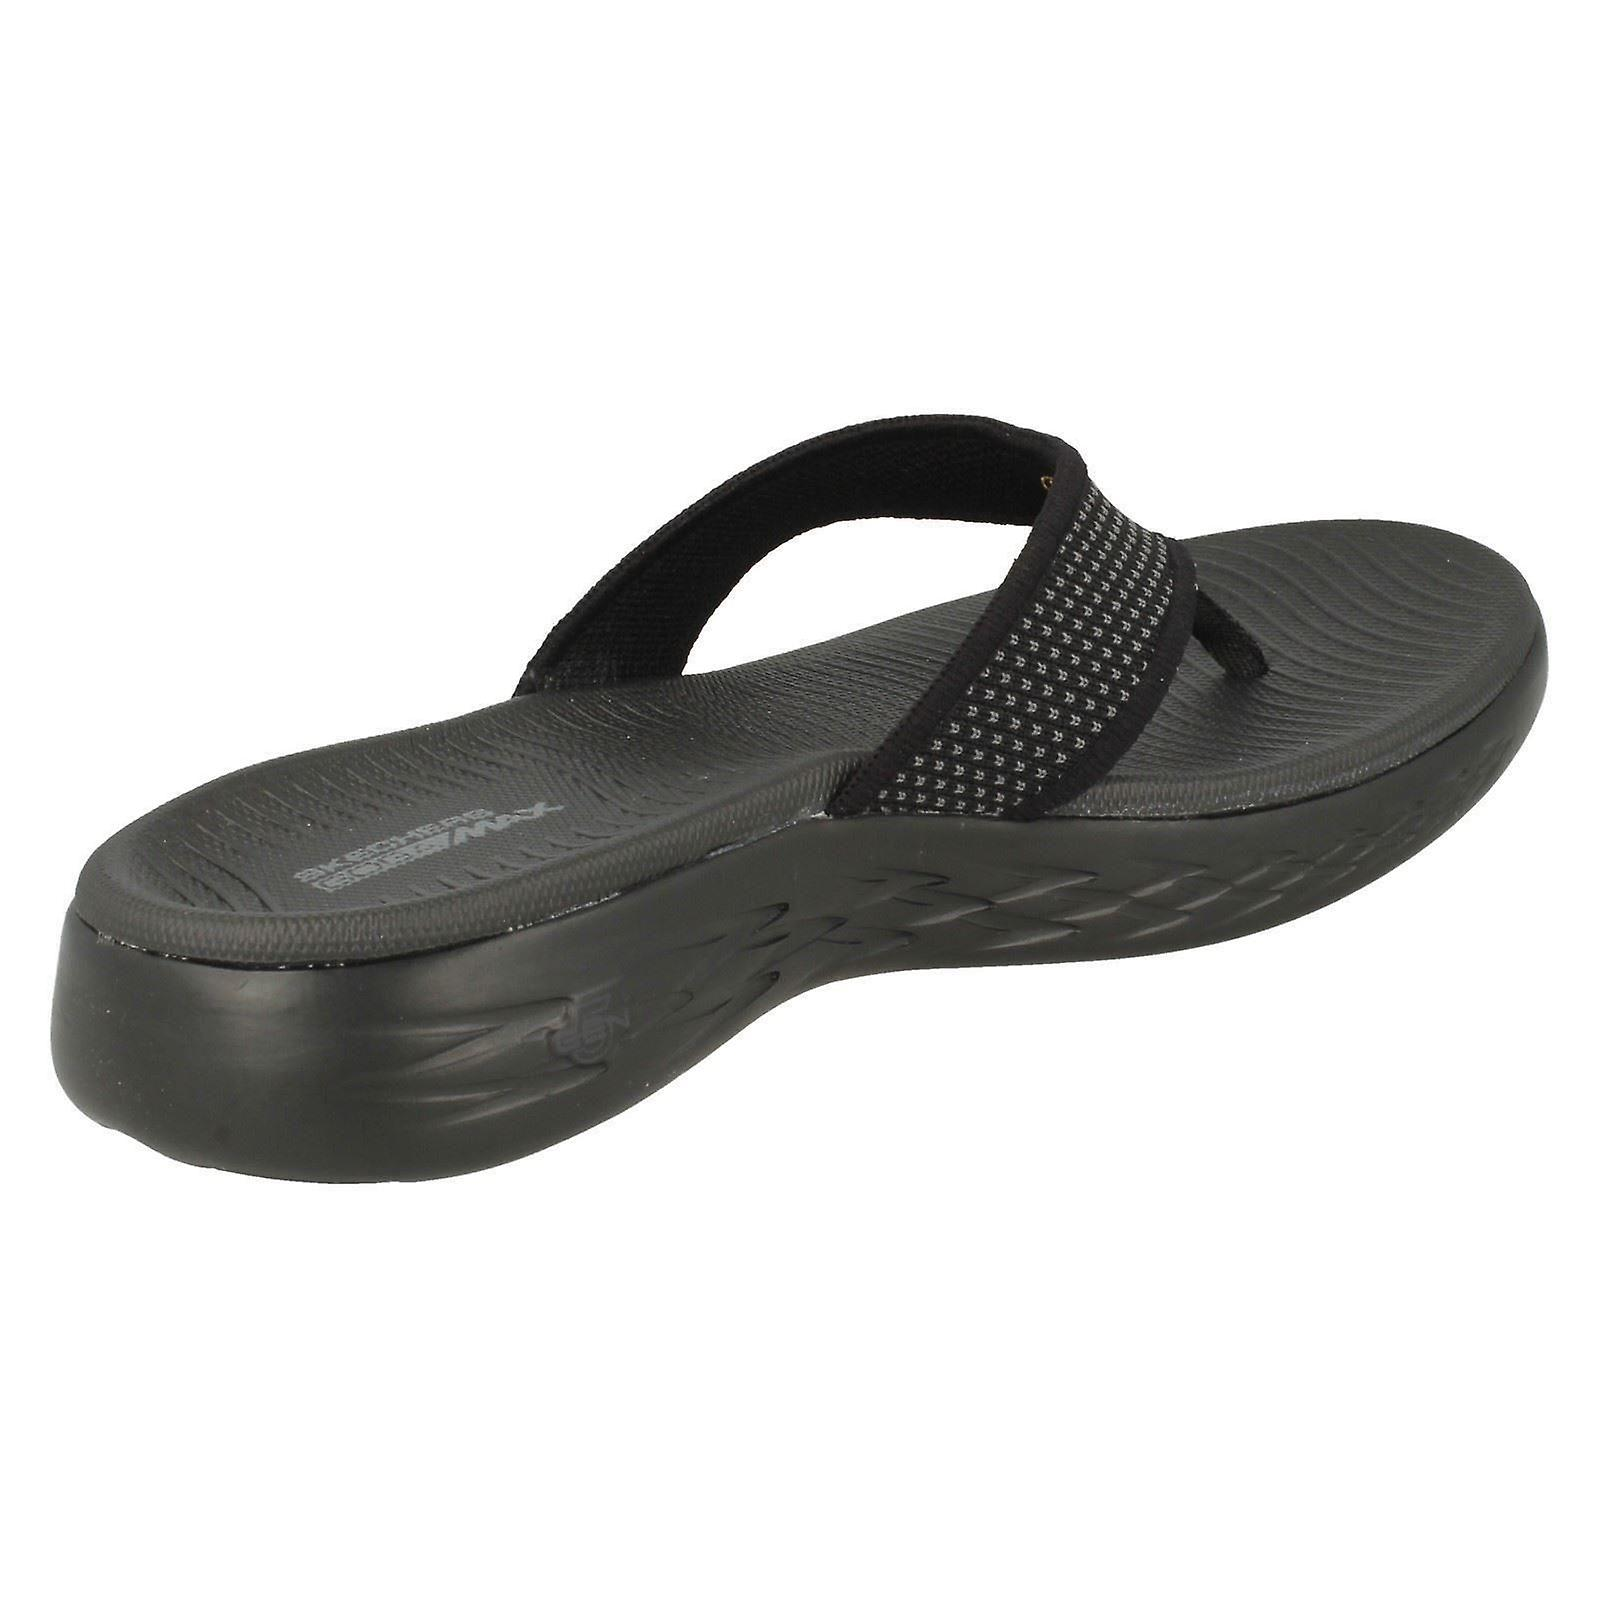 official photos b12c3 c3c05 Damen Skechers Casual Slip-on Flip Flops auf gehen 600 15300 - schwarze  Textil - UK Größe 6 - EU Größe 39 - US Größe 9